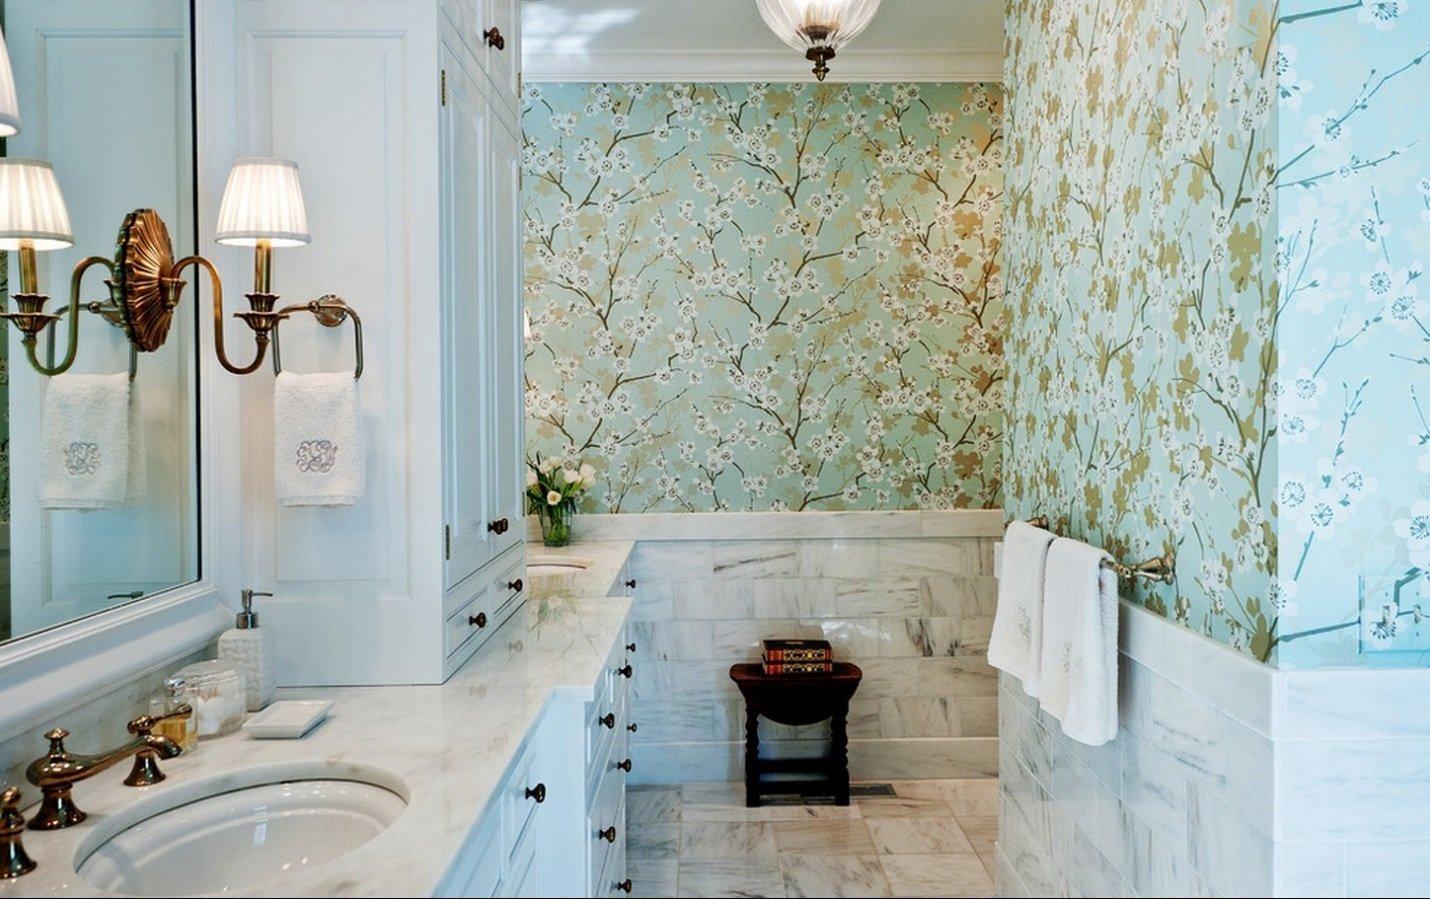 Обои в цветочек в ванной